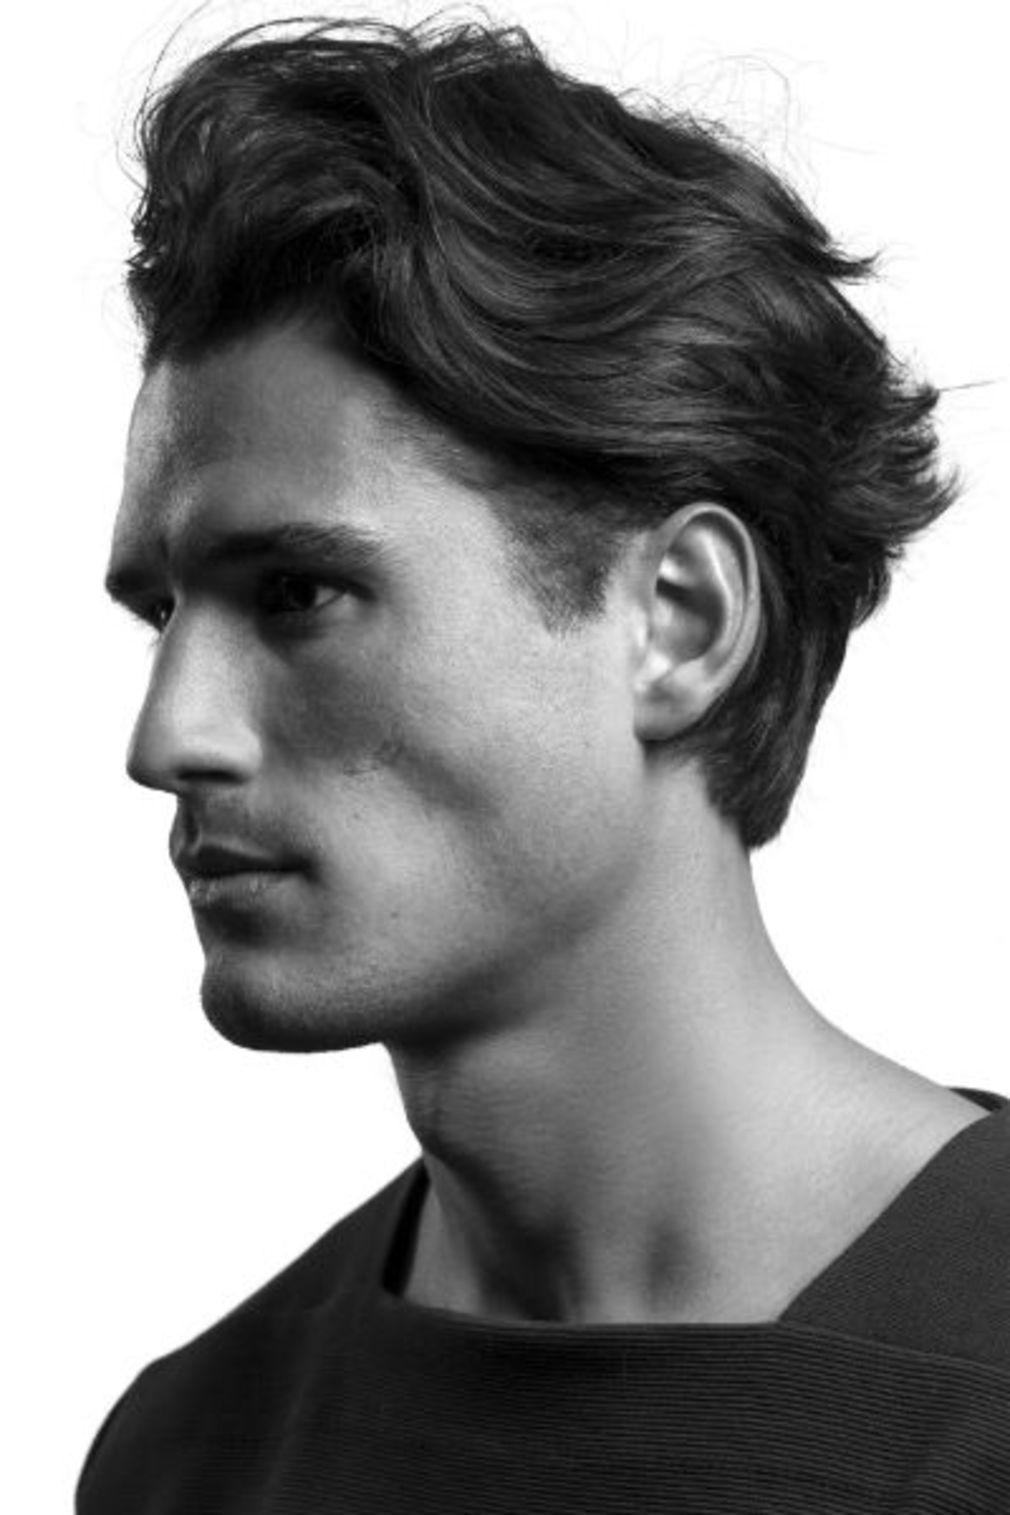 coiffure homme 2018 plus de 90 coupes de cheveux pour. Black Bedroom Furniture Sets. Home Design Ideas